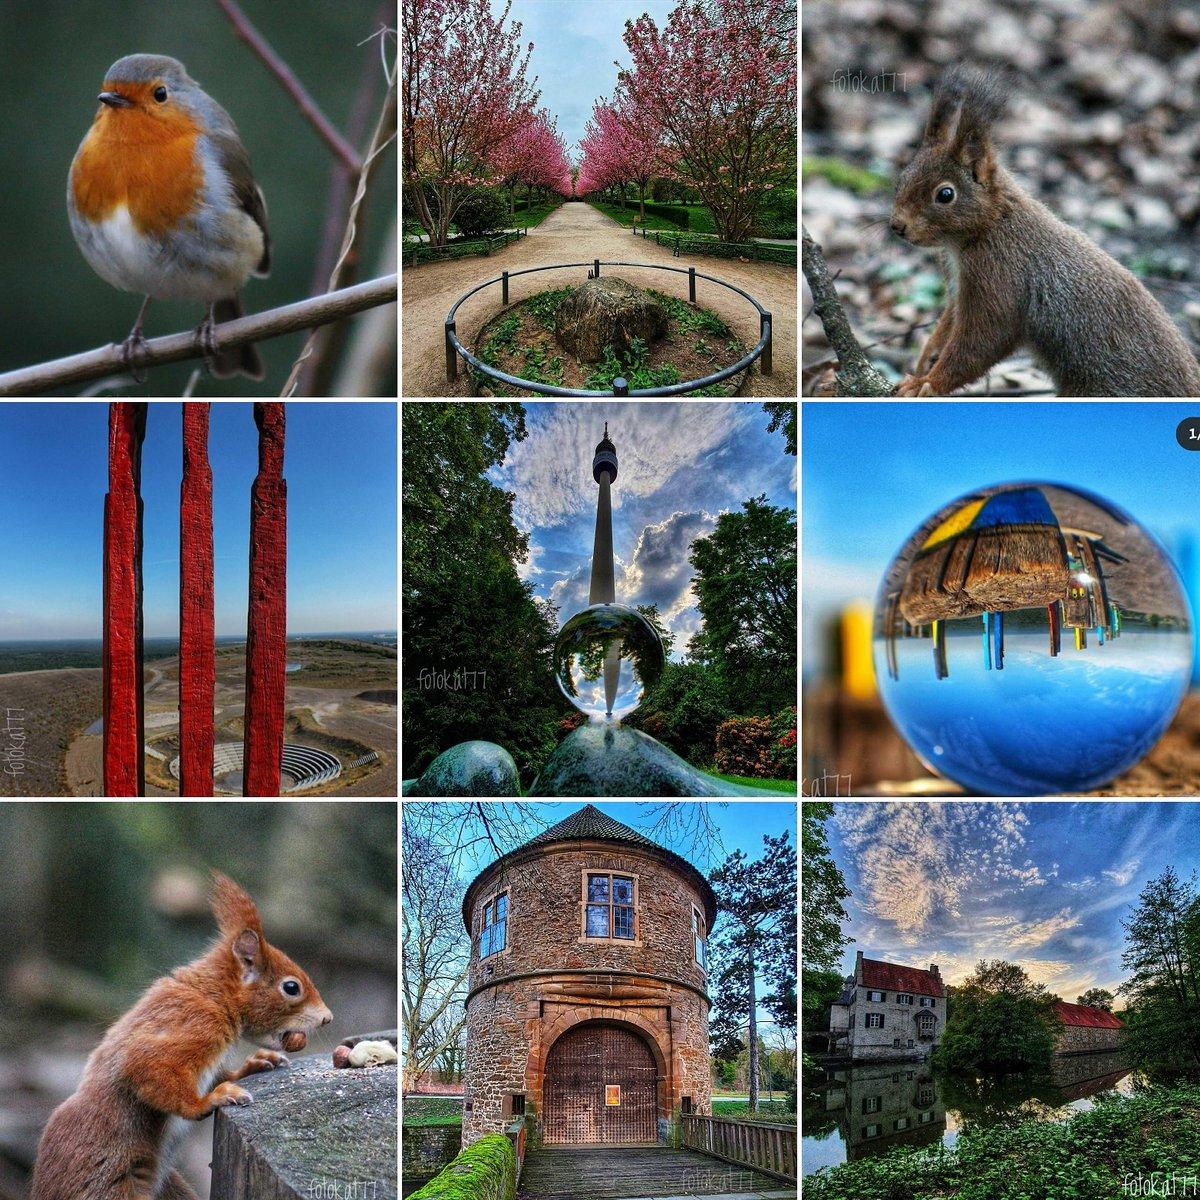 Gefallen euch die Fotos?  Mehr davon gibt's auf #Instagram unter fotokat77! 😉😊